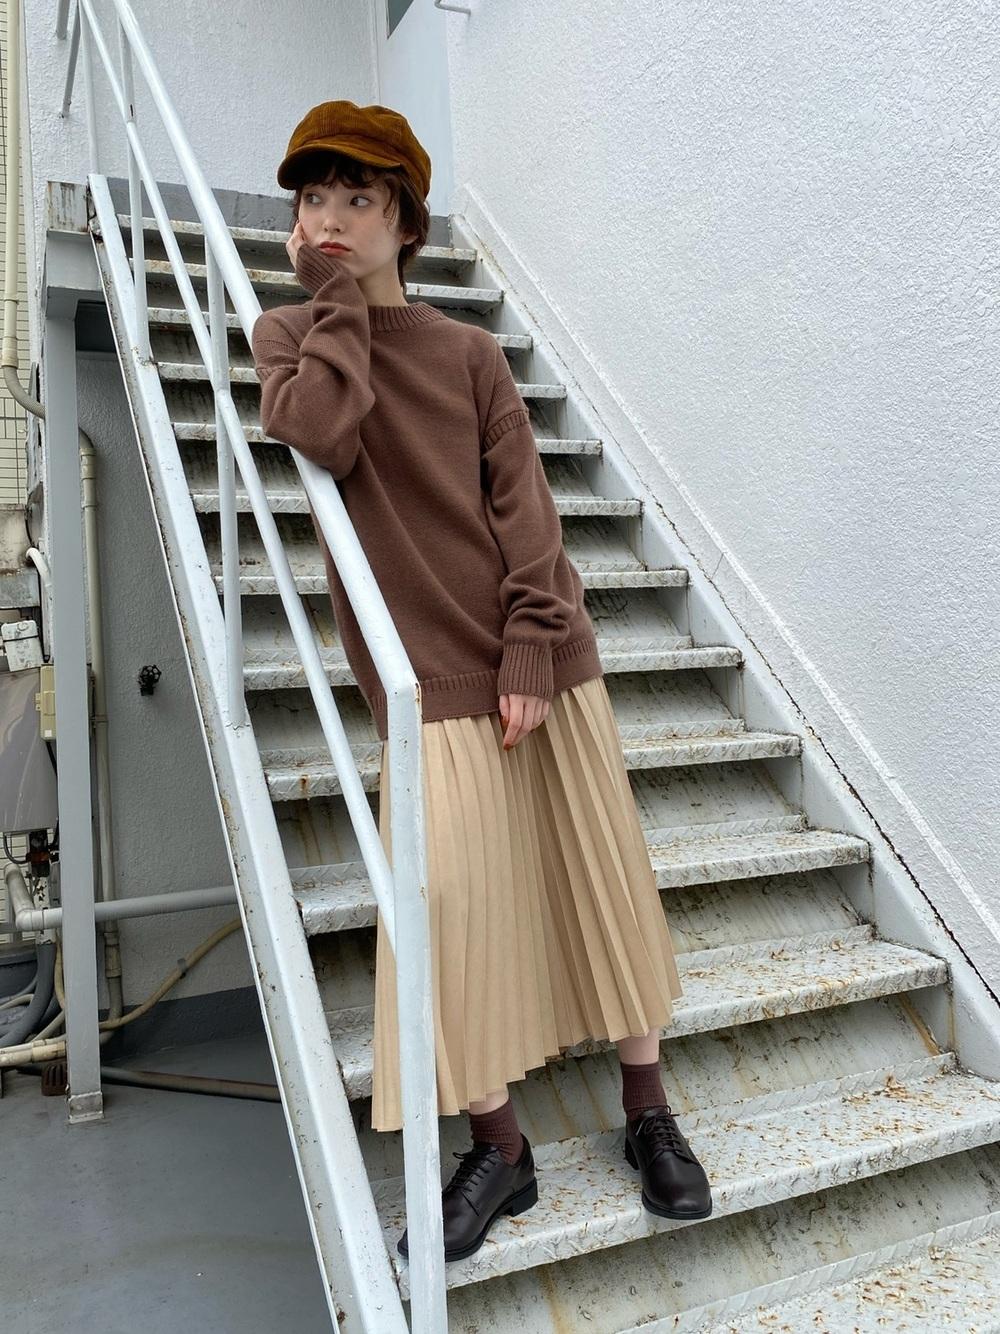 ブラウントップスとスカートにブラウンのキャスケットのコーデ